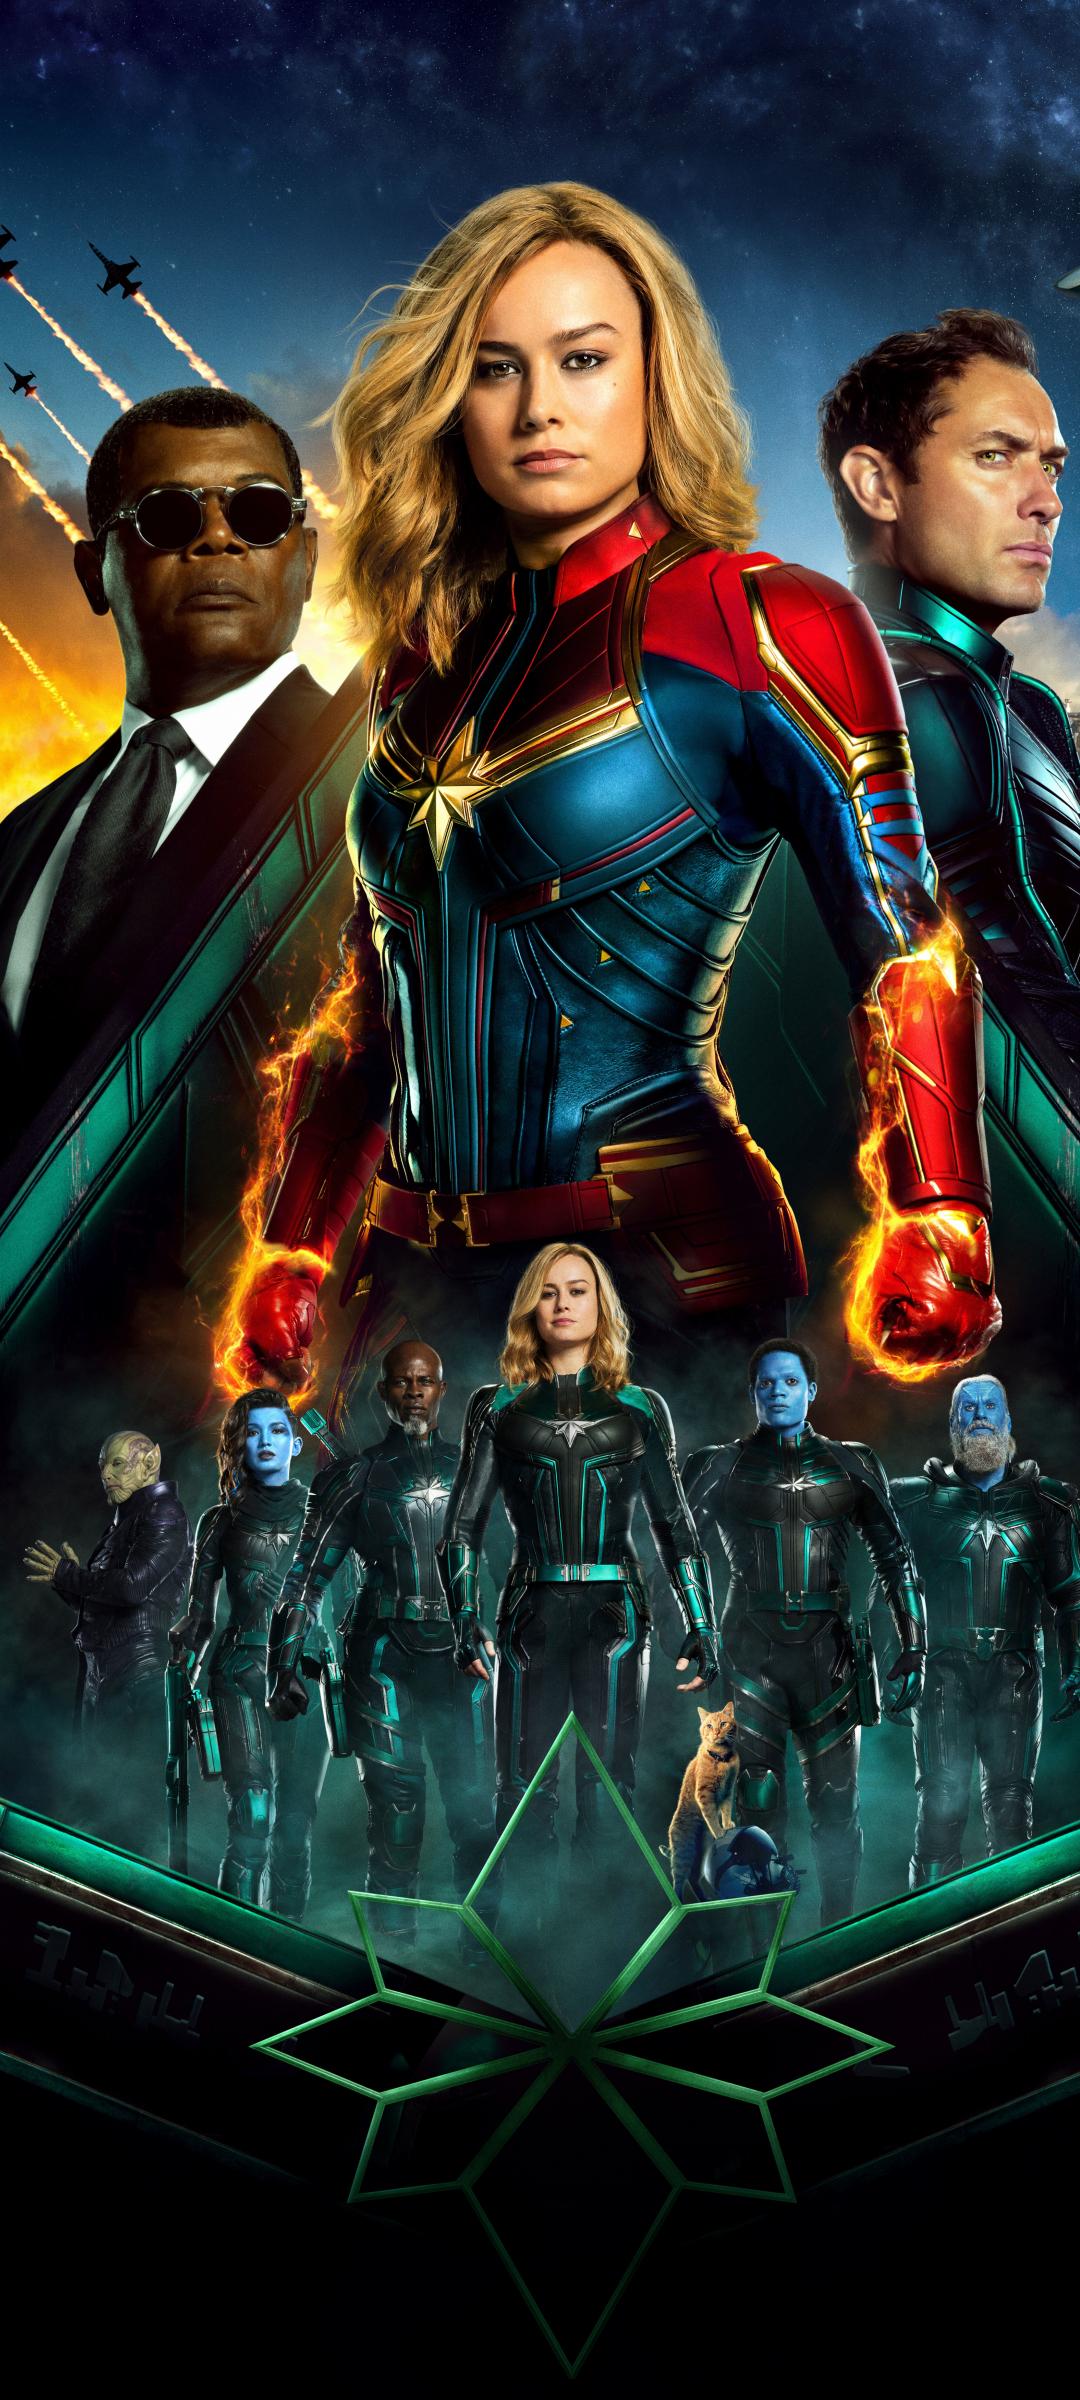 1080x2400 Captain Marvel Movie All Superheroes 1080x2400 ...